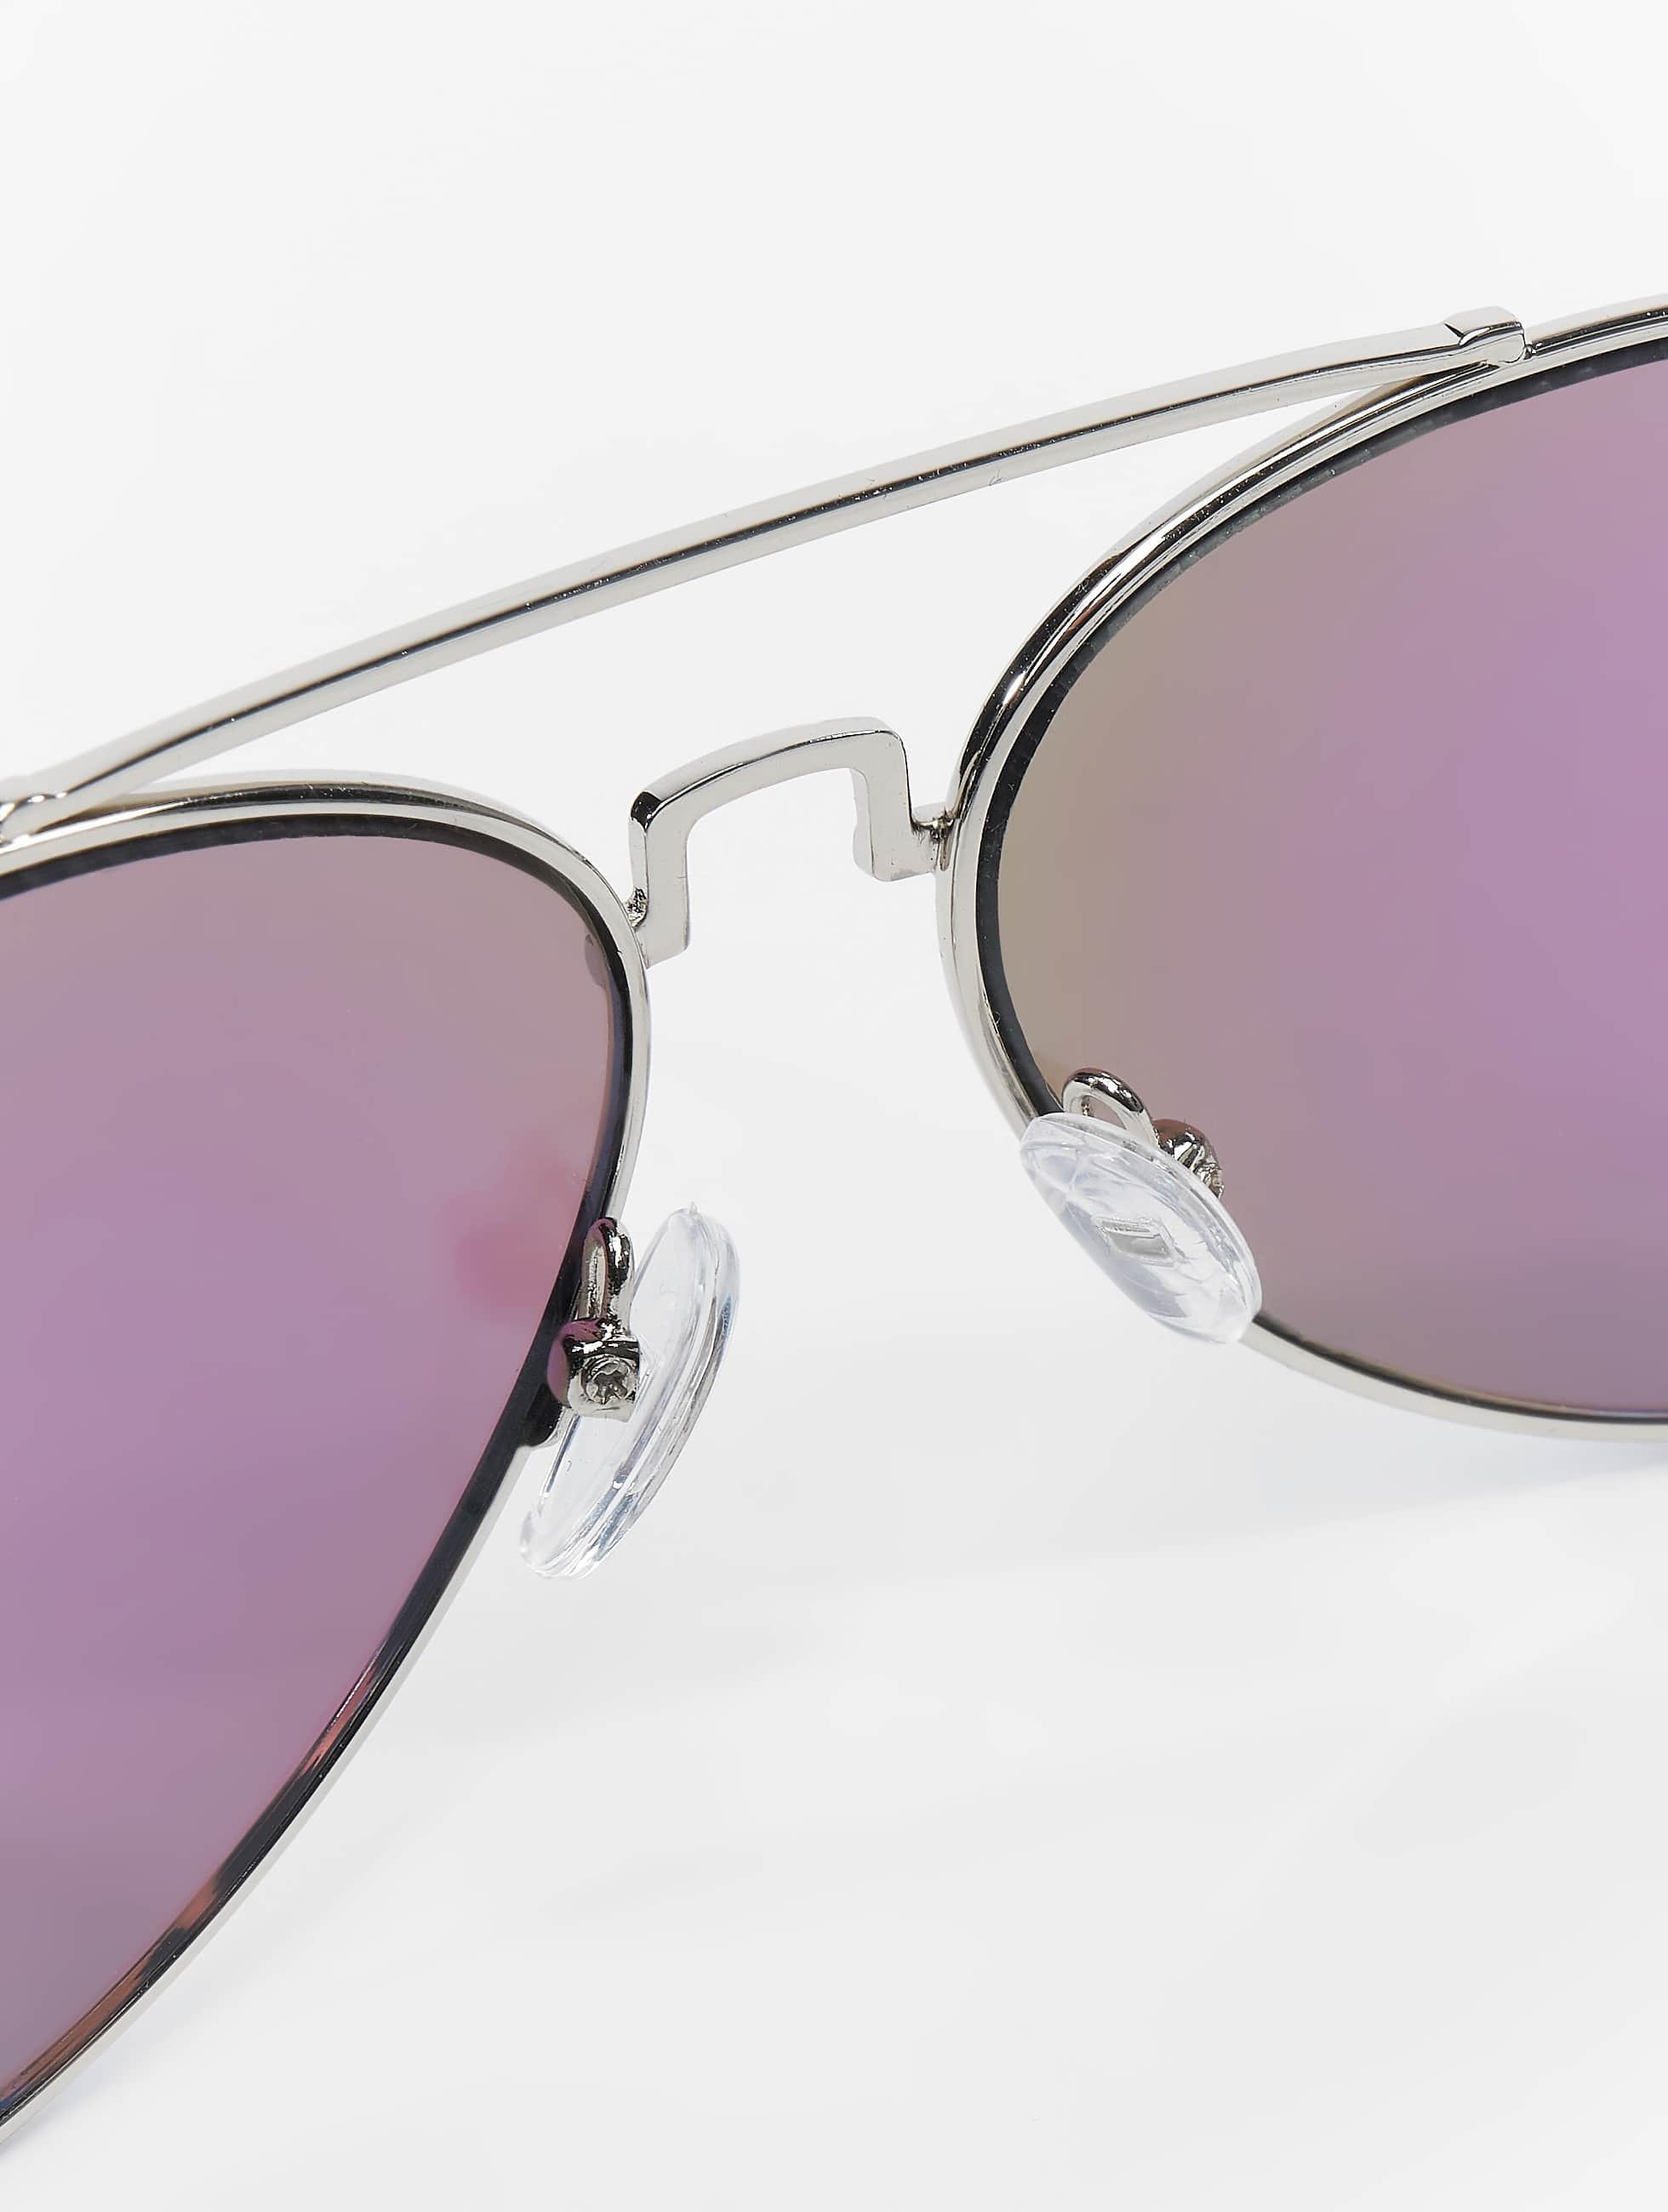 MSTRDS Sonnenbrille Shades Mumbo Mirror silberfarben